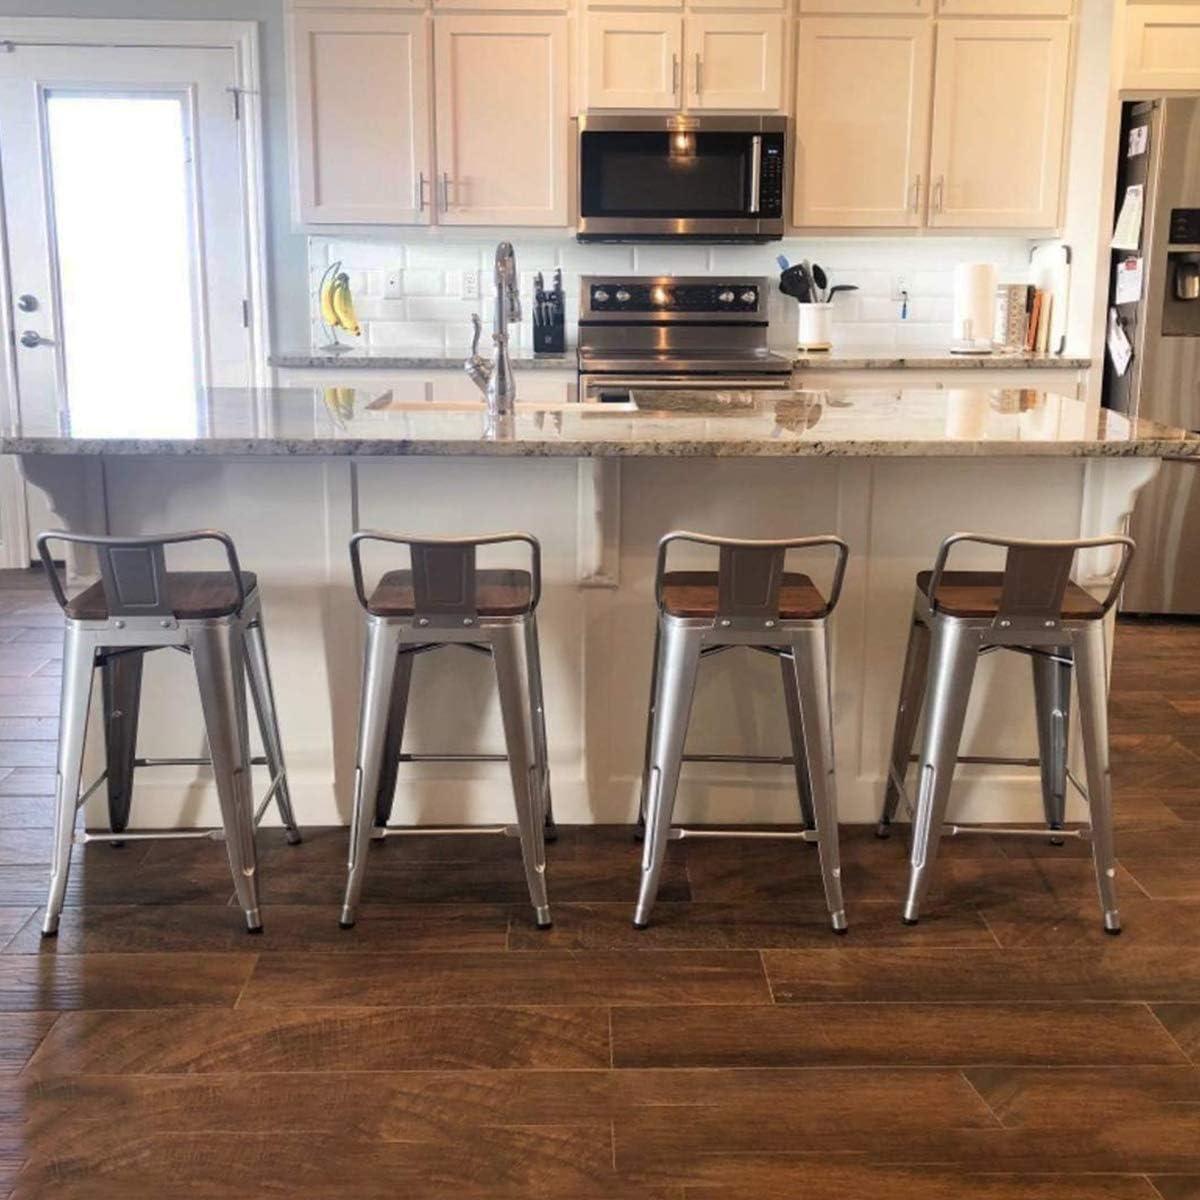 TONGLI Tongli Metal Bar Stools Kitchen Counter Height Barstools Set of 9  Metal Counter Stools 9 Inches Silver, Low Back